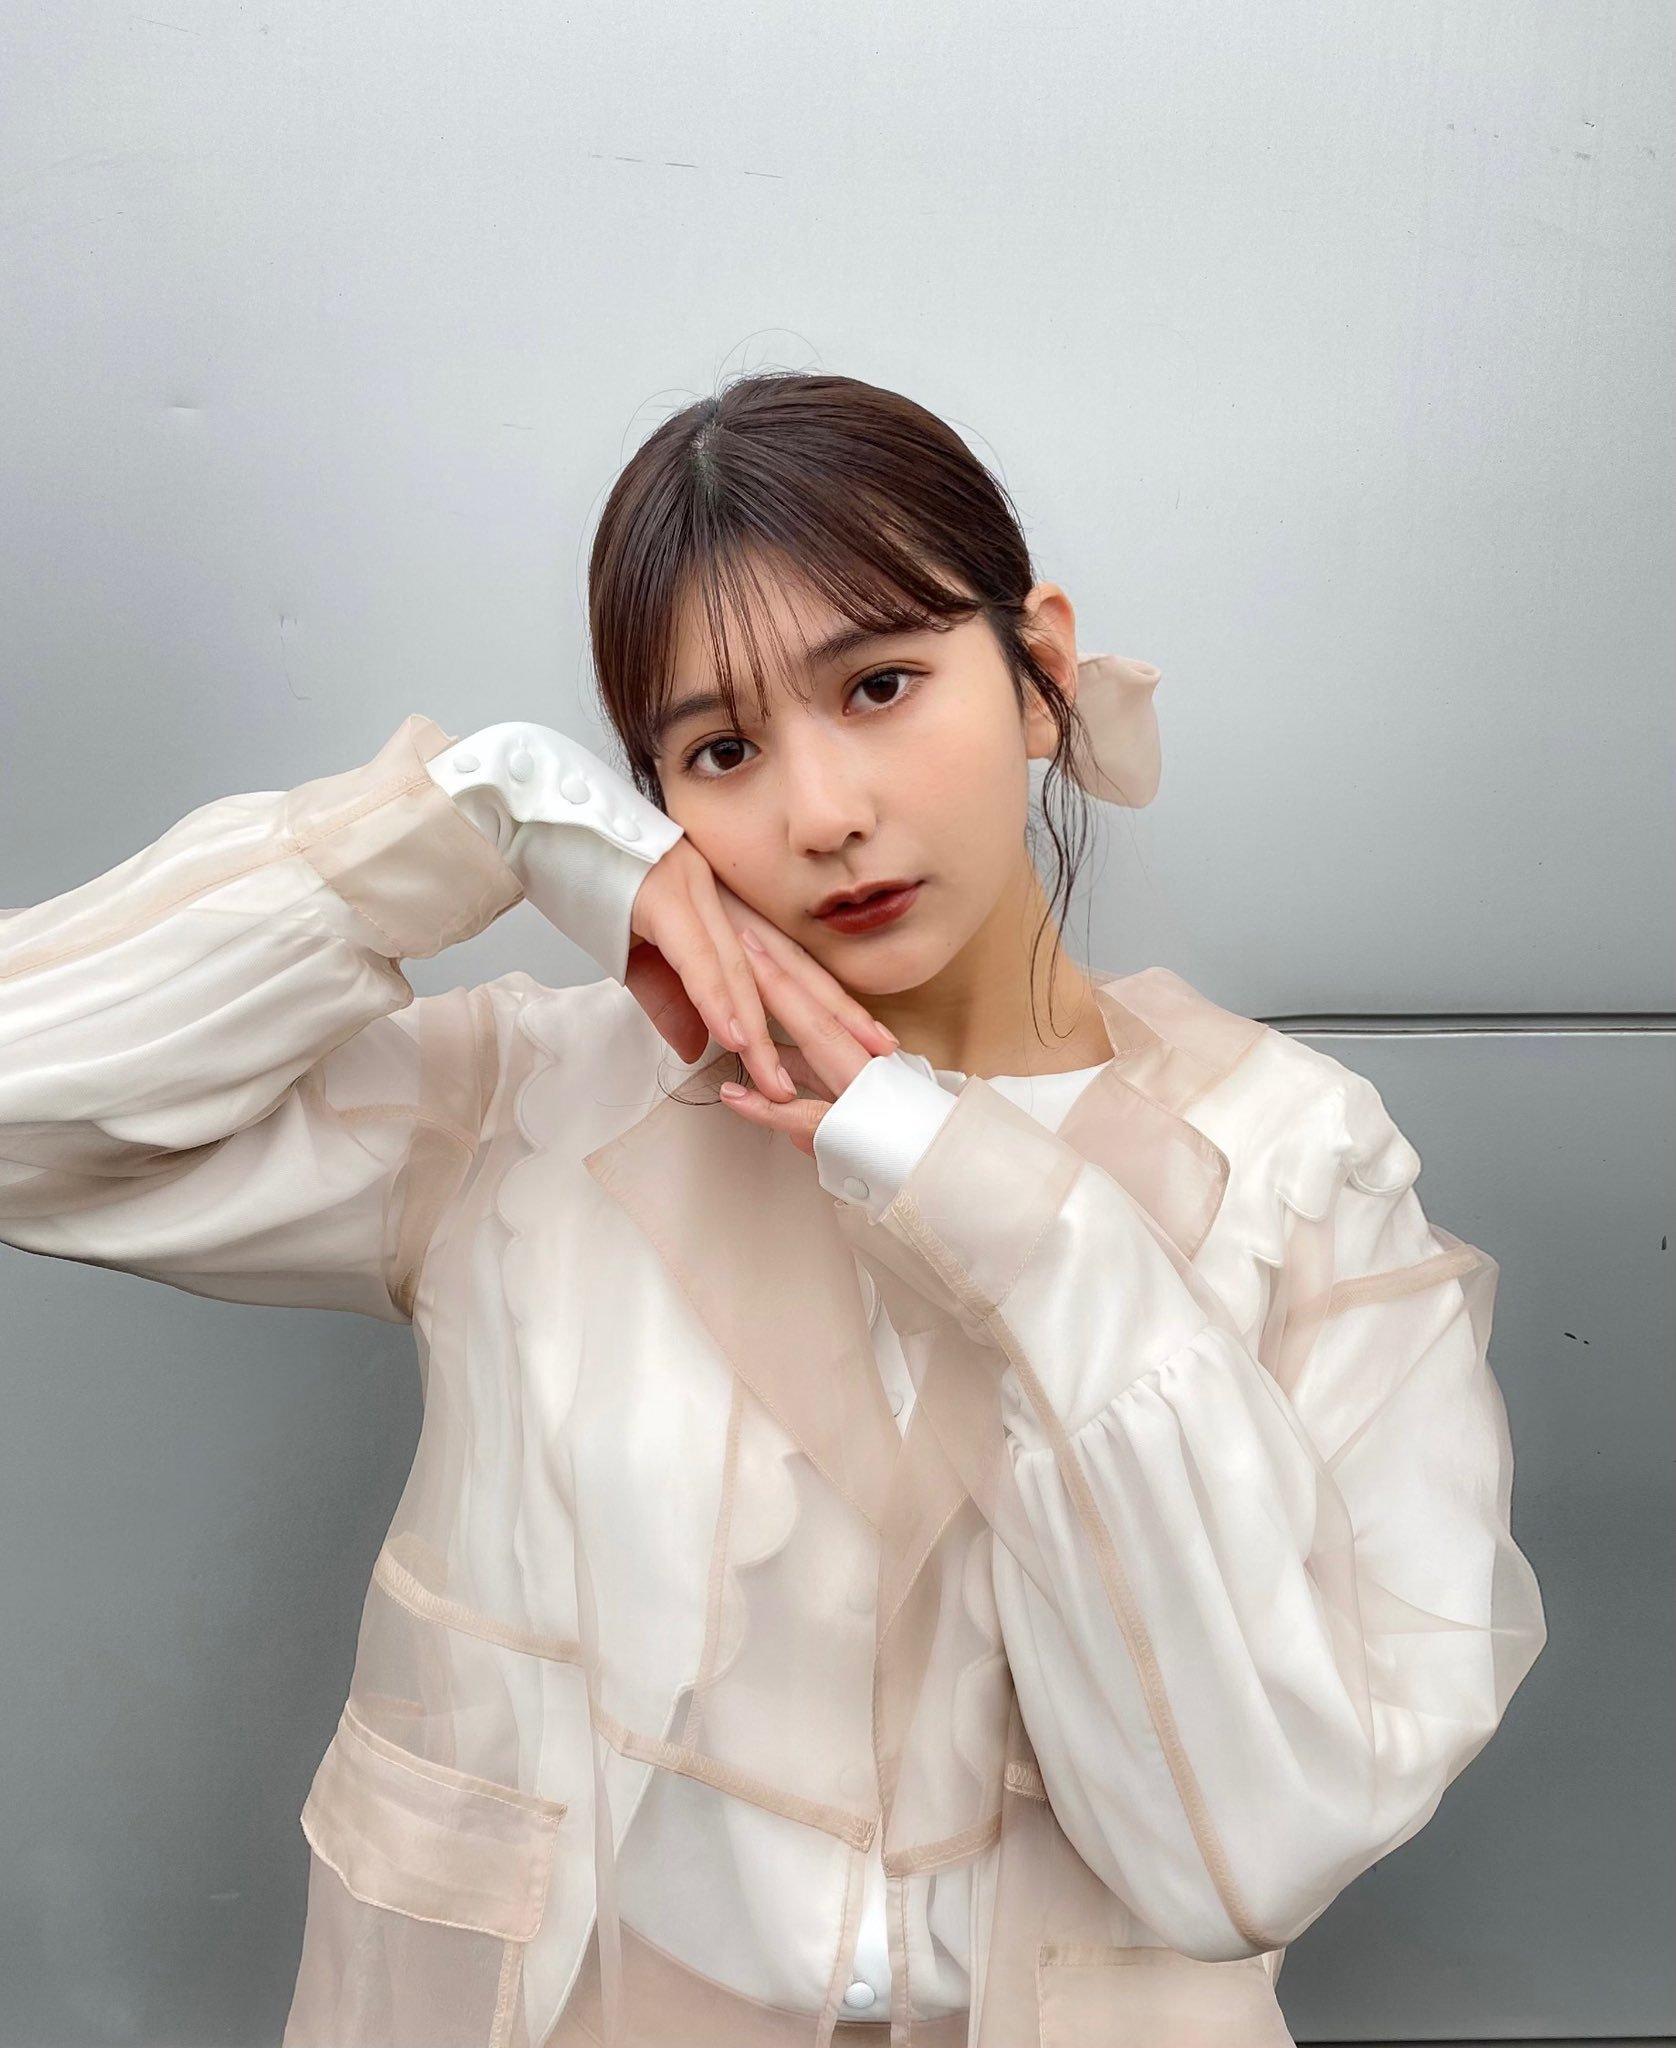 2020年杂志选美冠军新井遥超嫩脸蛋迷倒众人